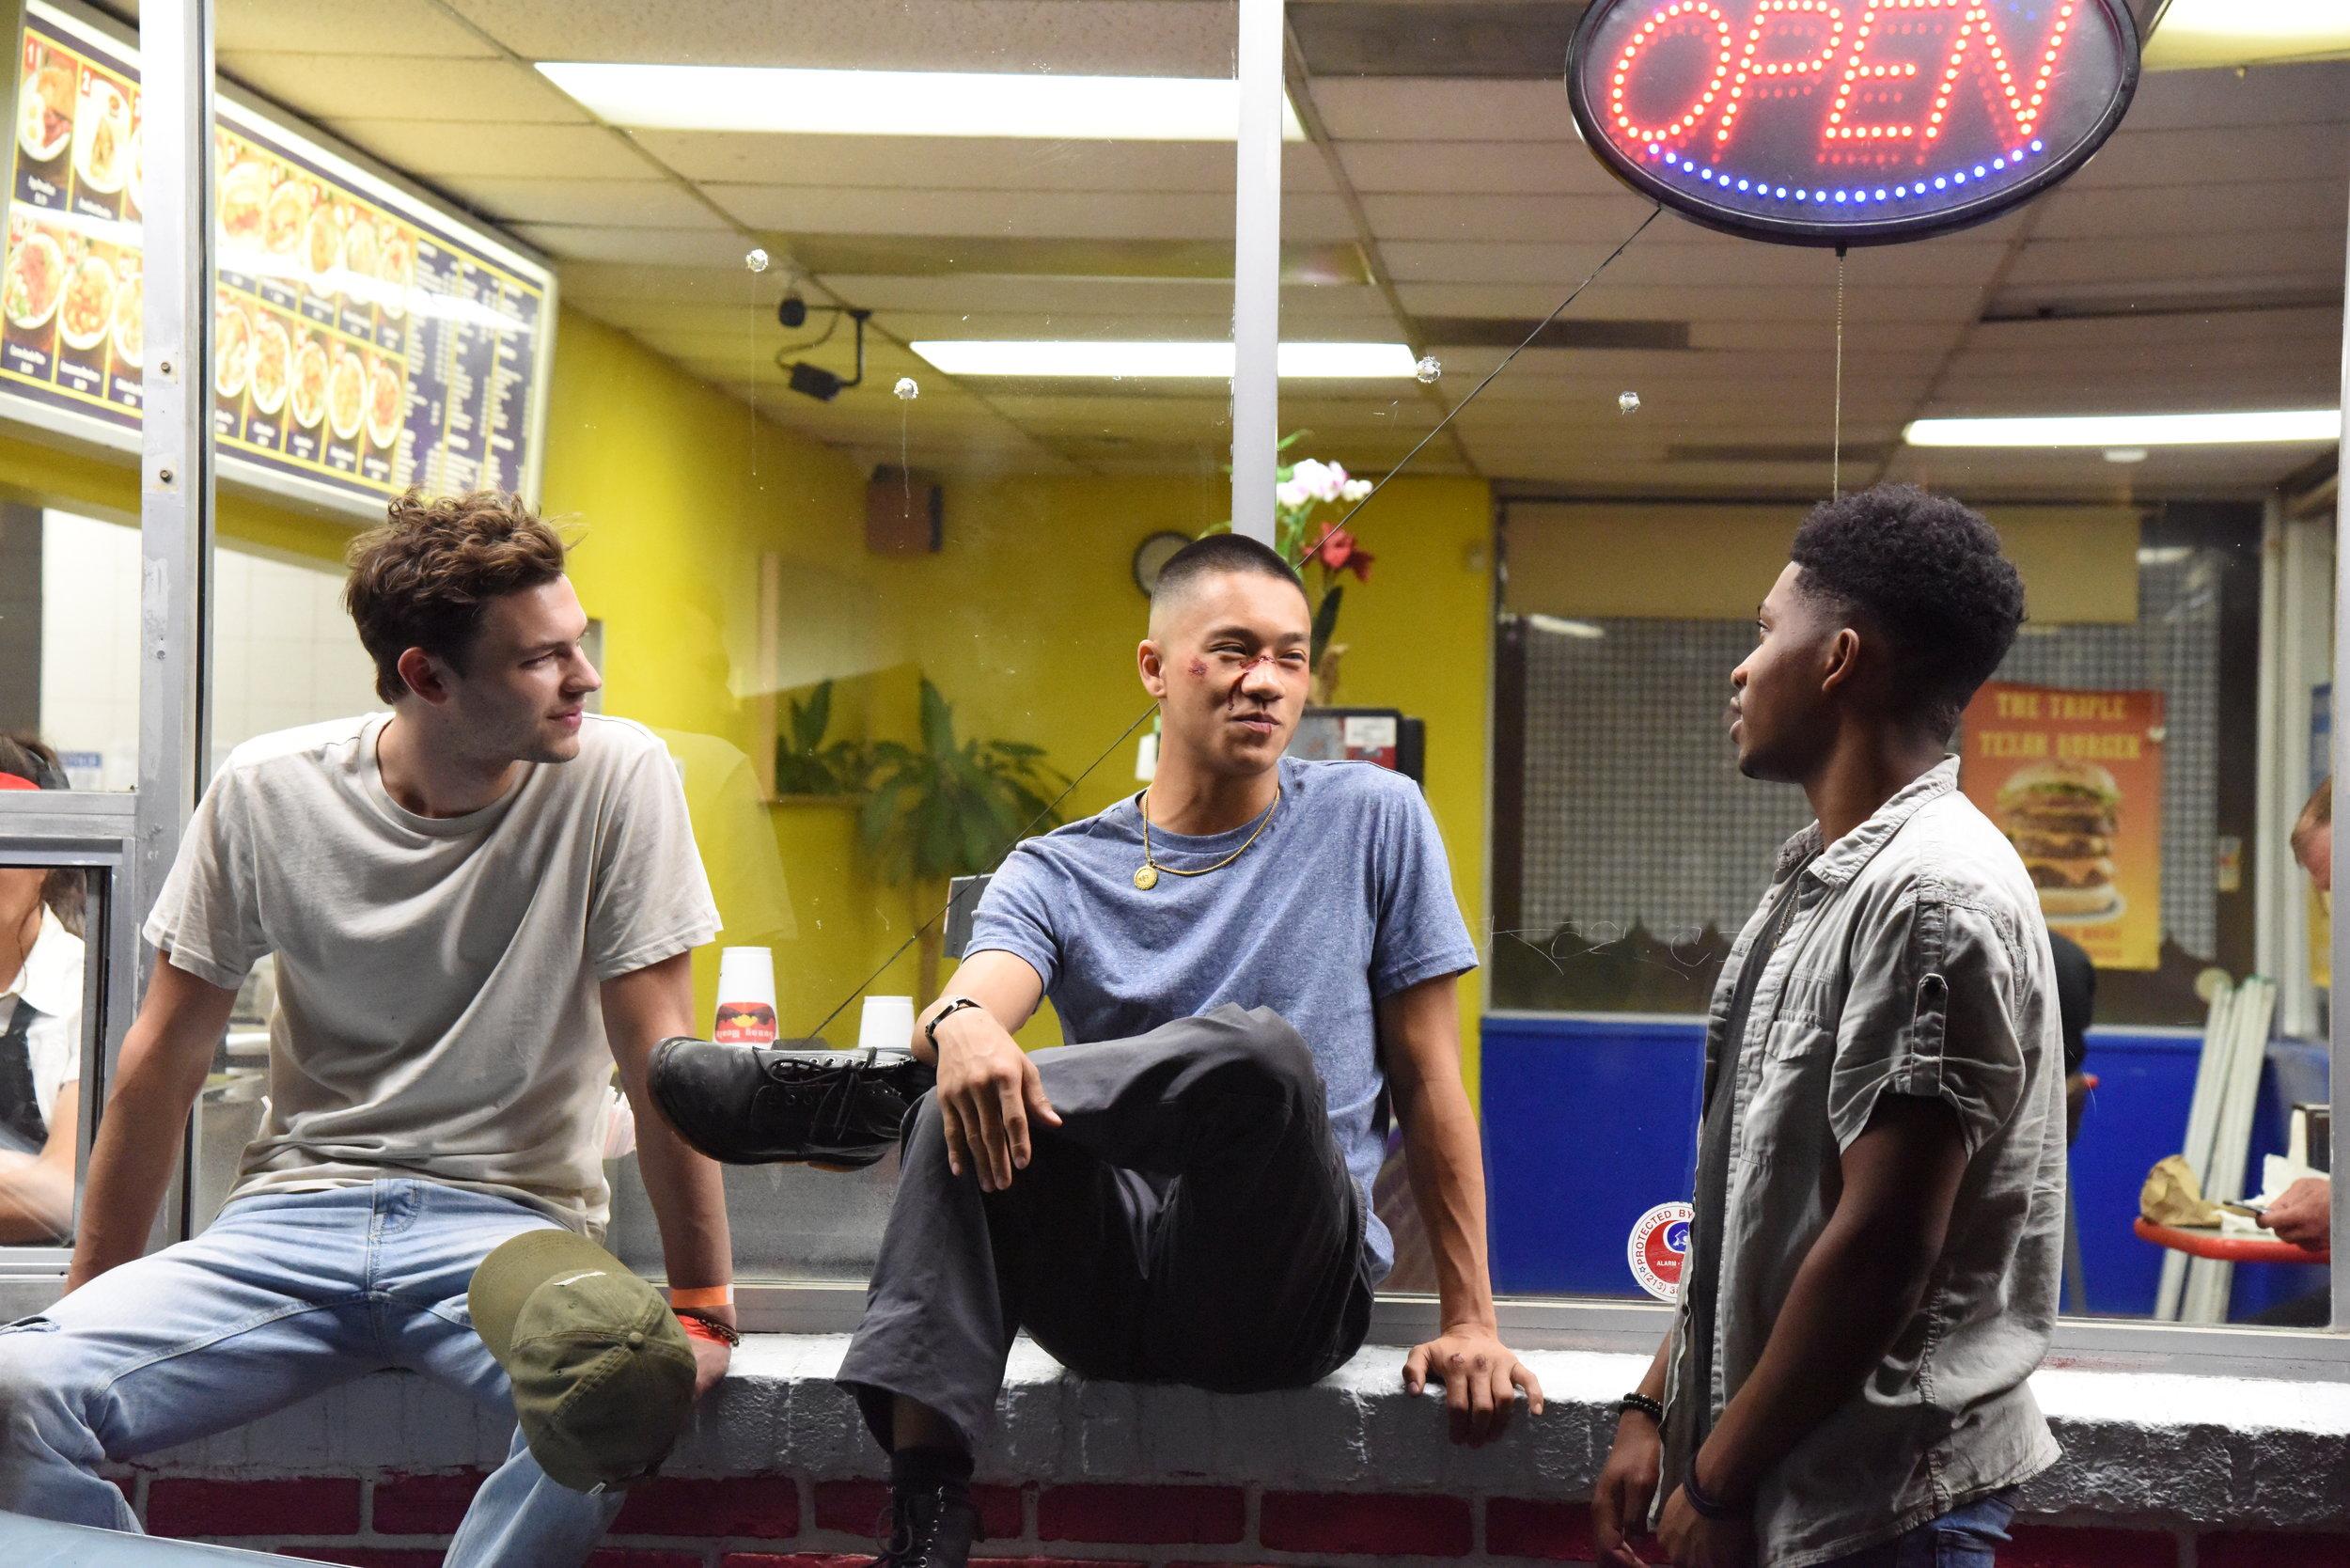 Actors  Nick Fink ,  Brandon Soo Hoo  and Willie Huggins IV bond in between takes.